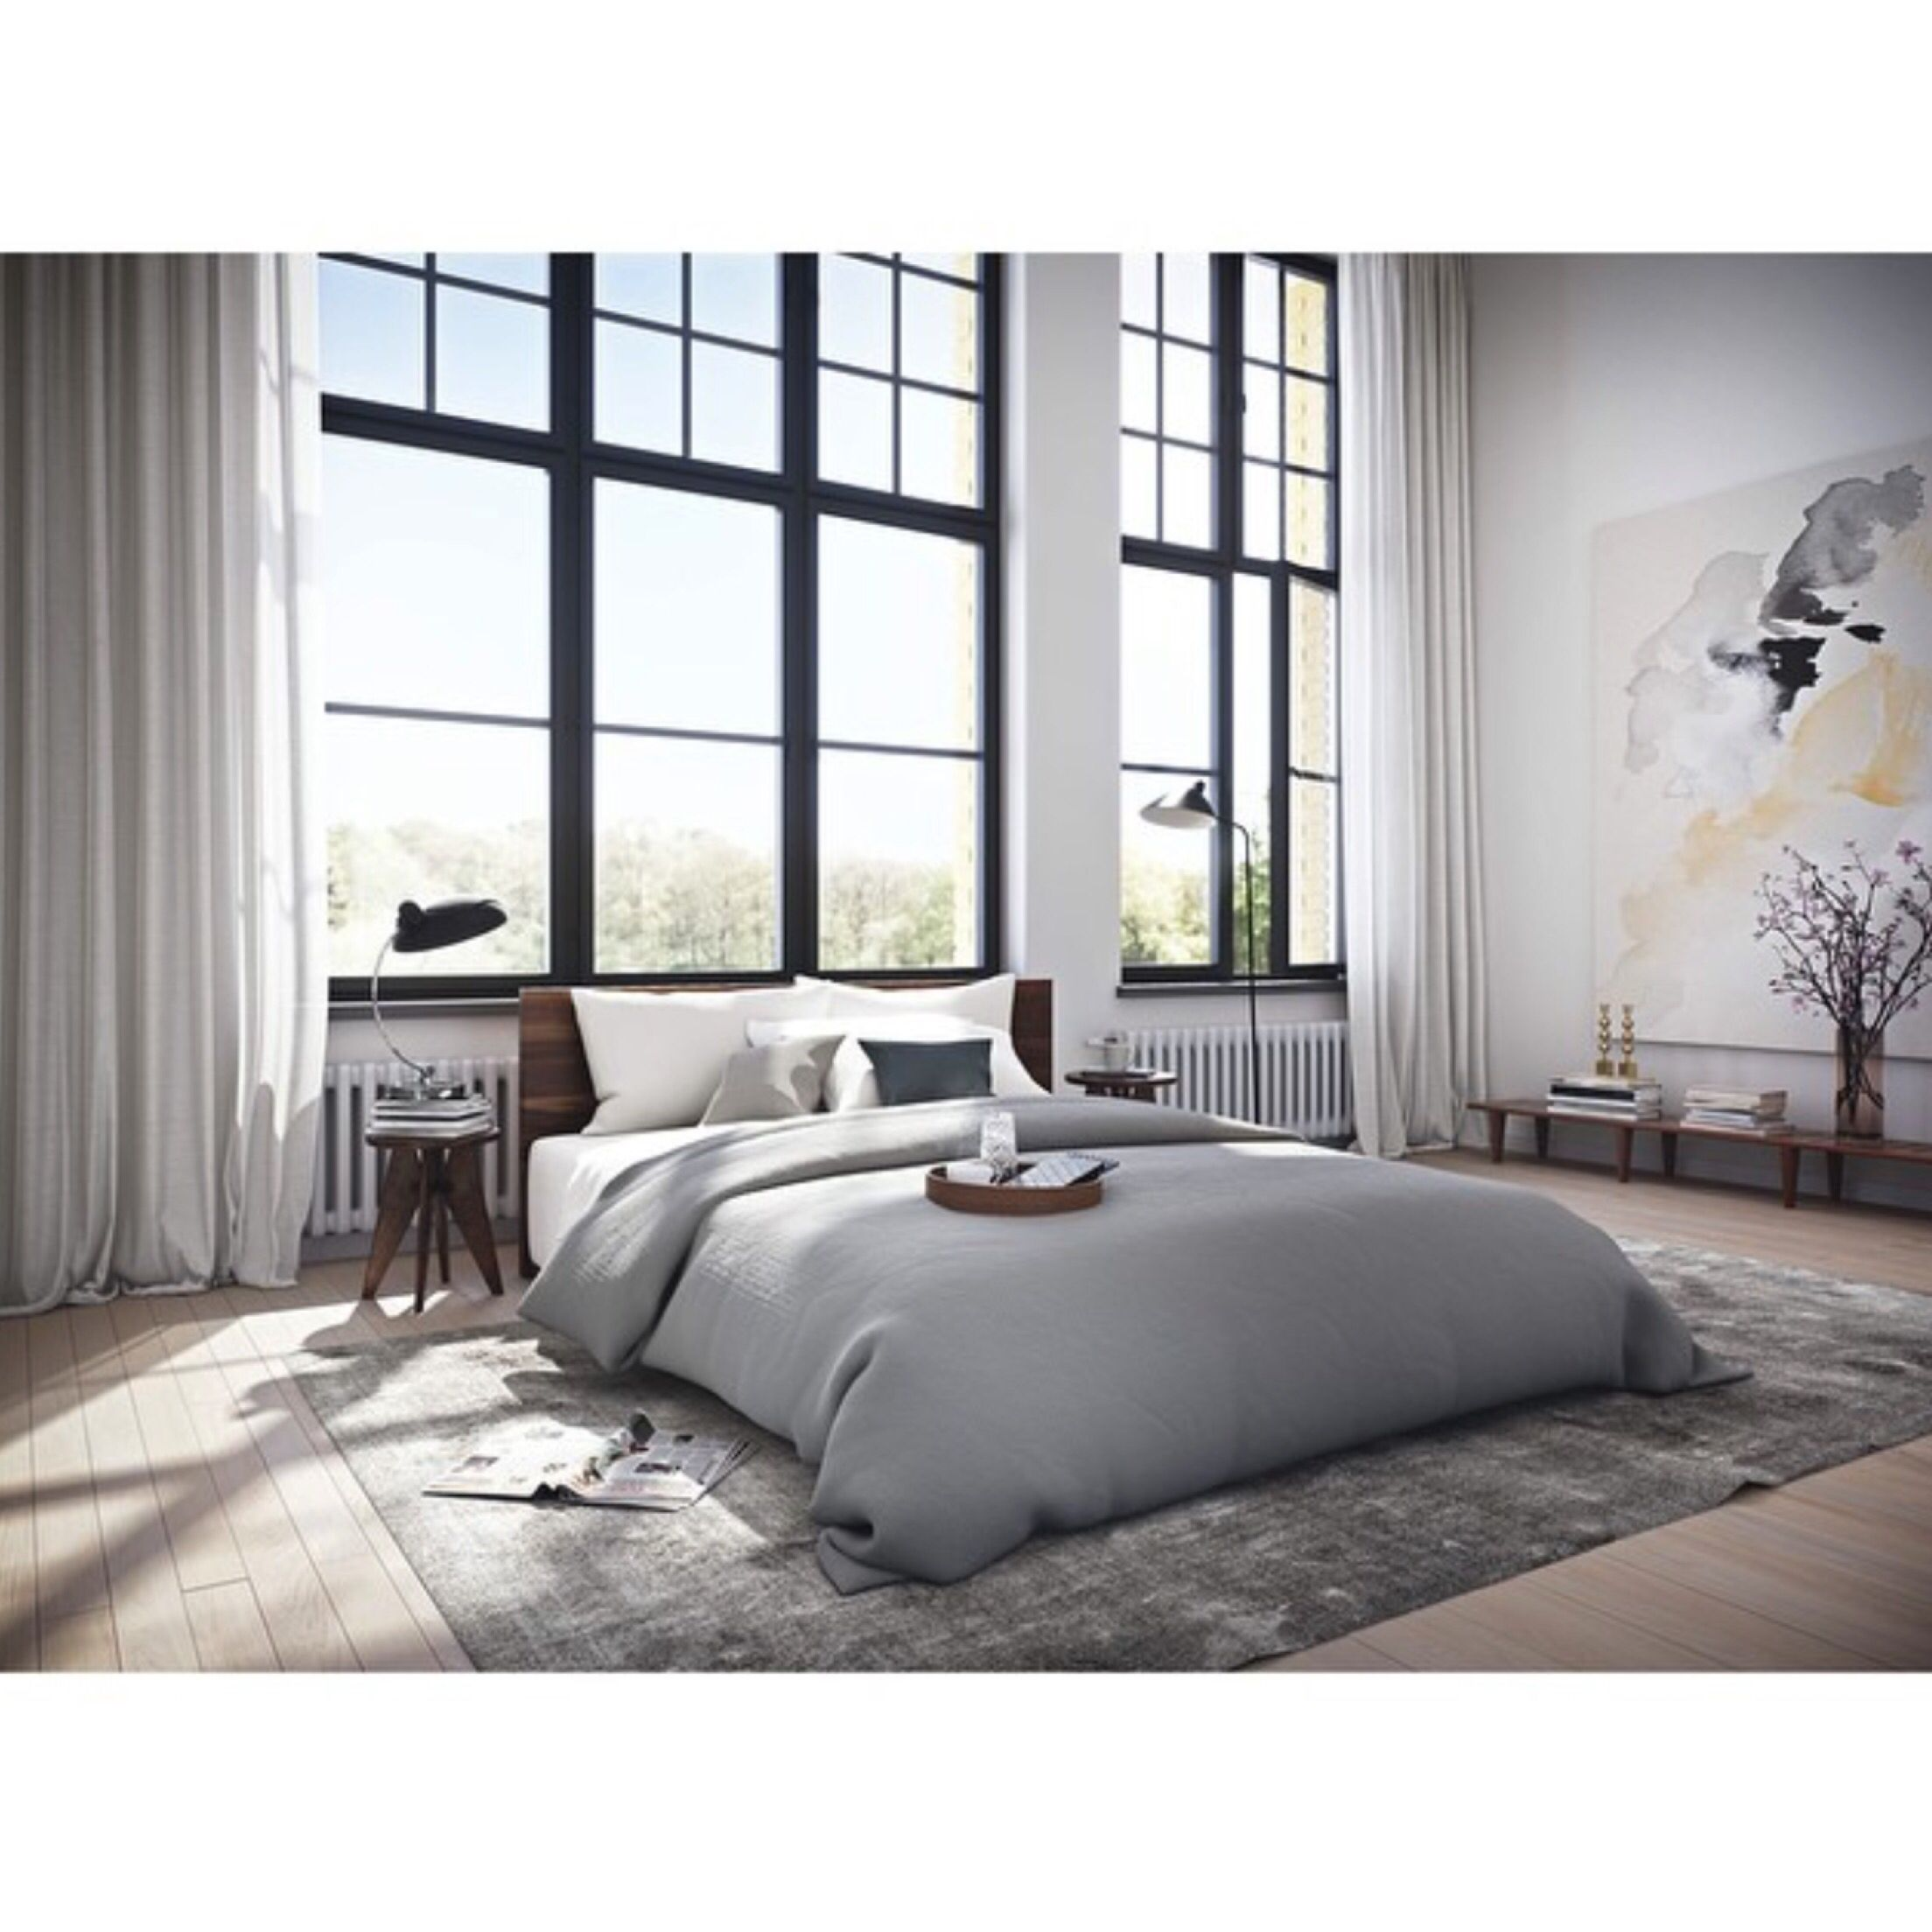 Grey Bedroom Decor Ideas Bedroom Design Ideas For Apartments Bedroom Decor Examples Gypsum Board Bedroom Ceiling Design